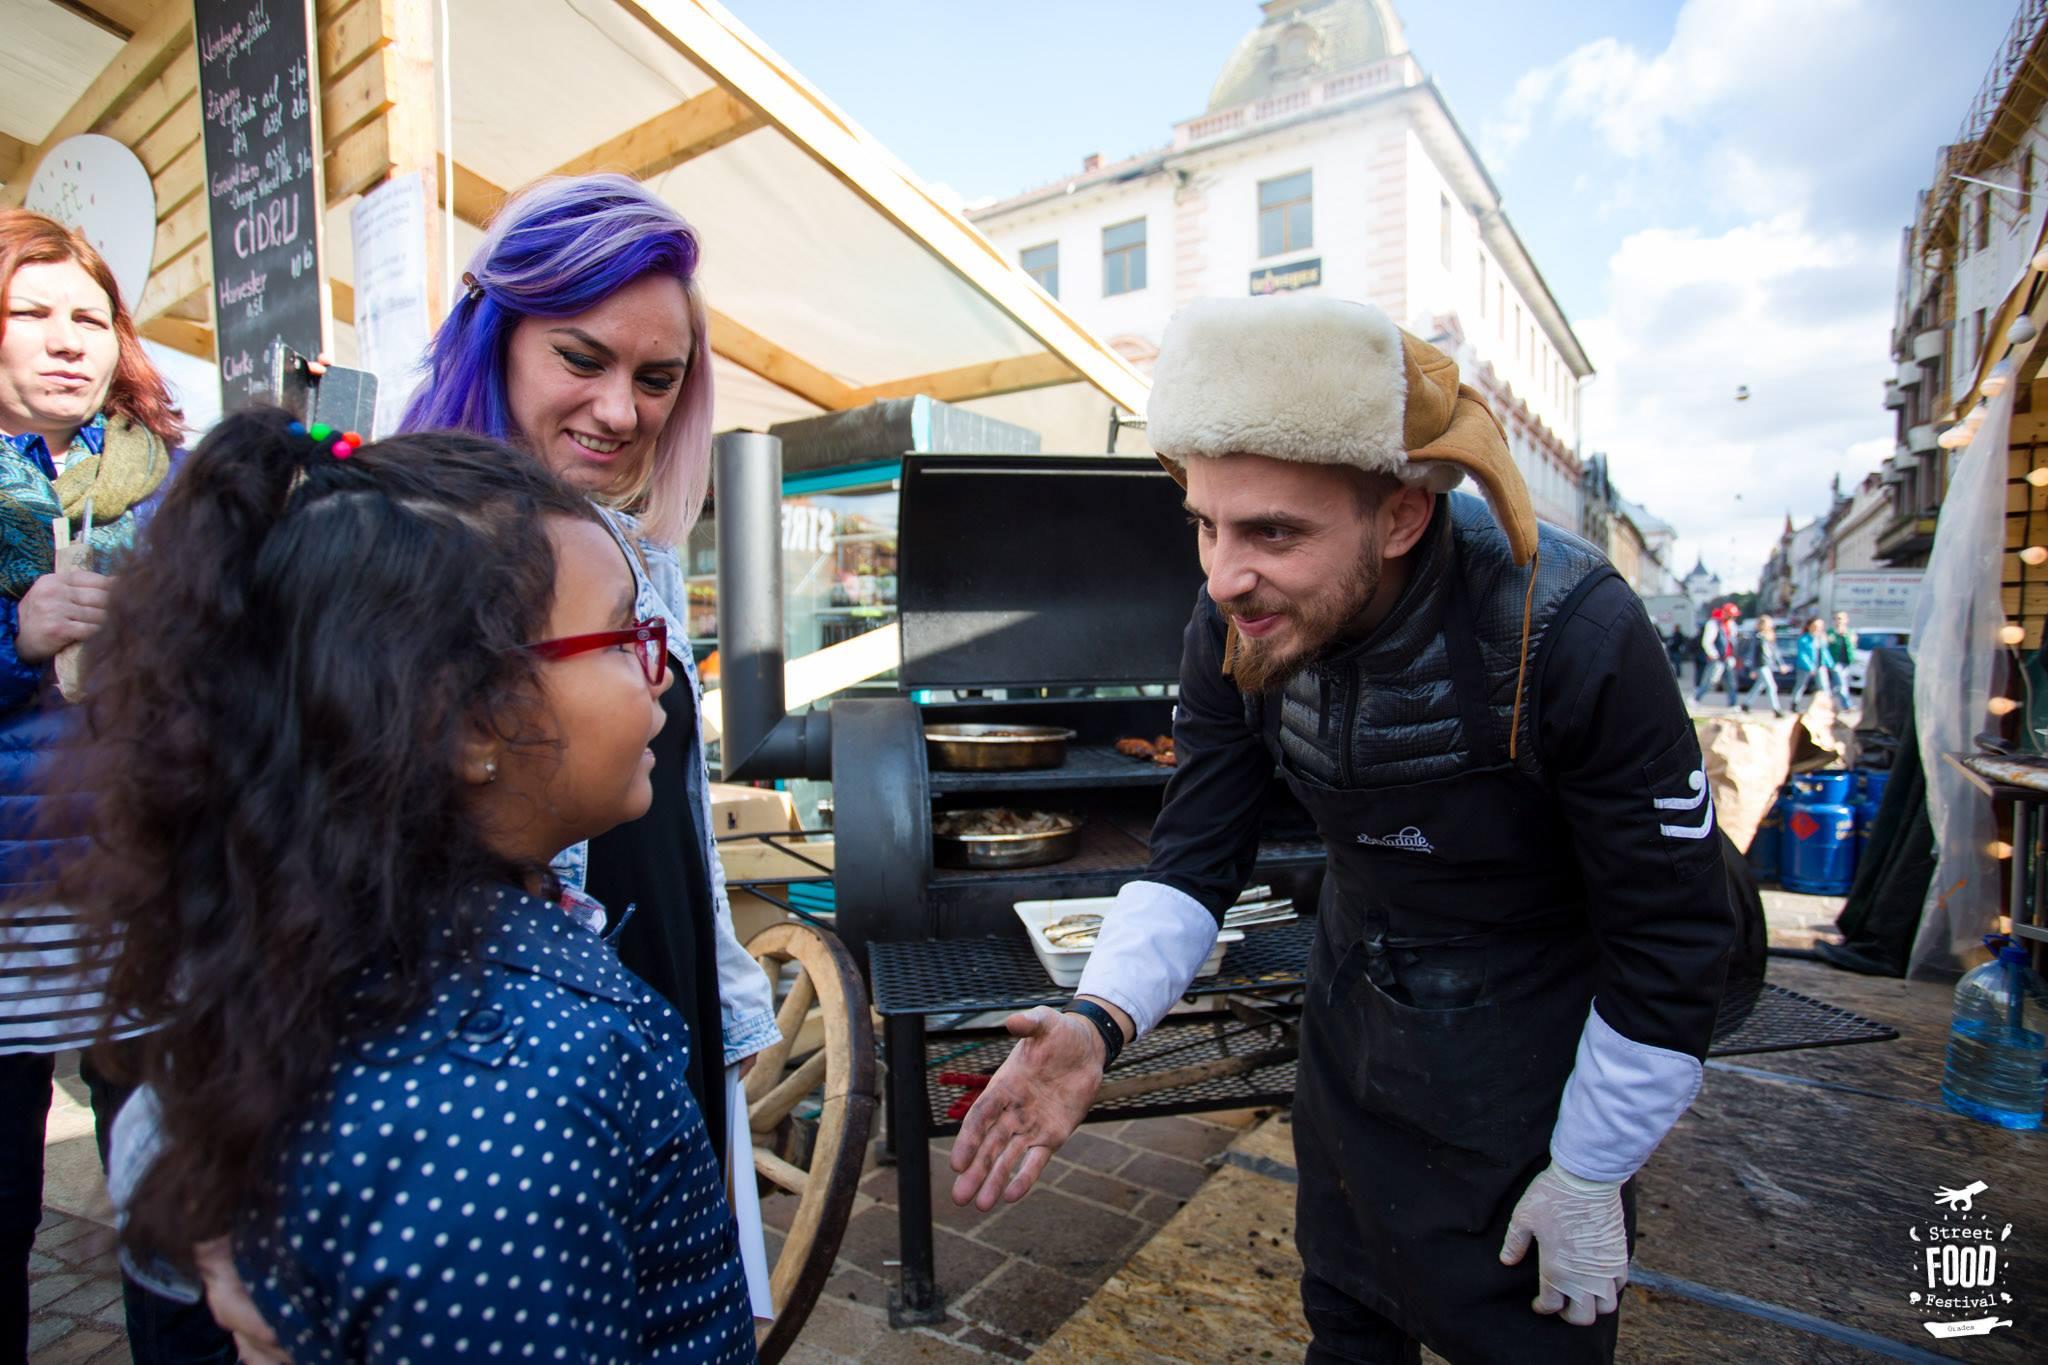 street food festival Oradea 2017